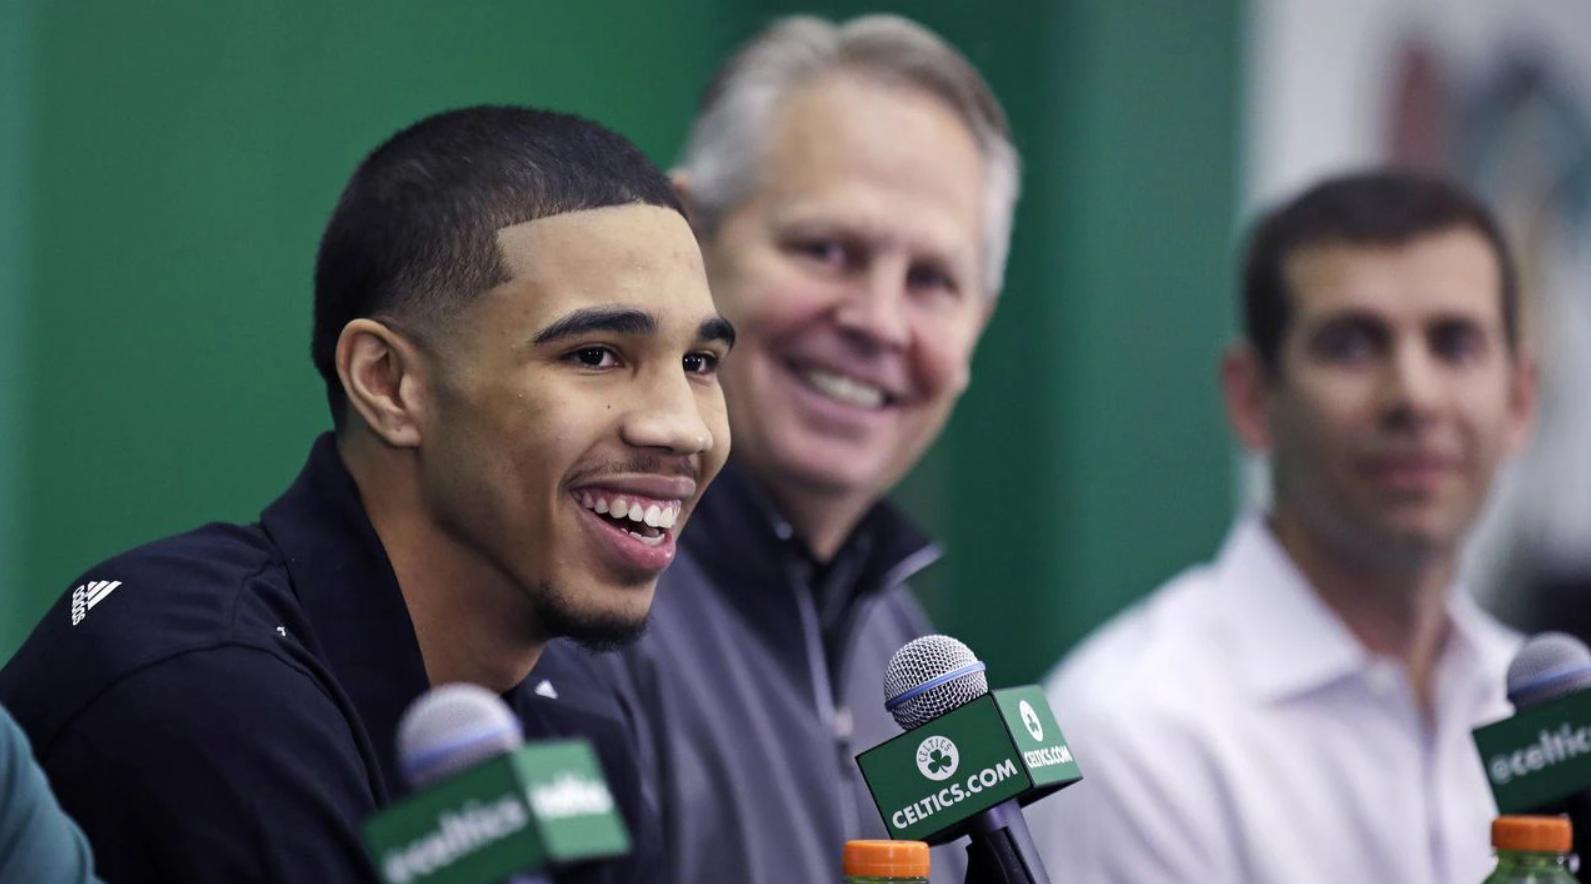 Jayson Tatum una bomba de relojería para el frontoffice de los Boston Celtics